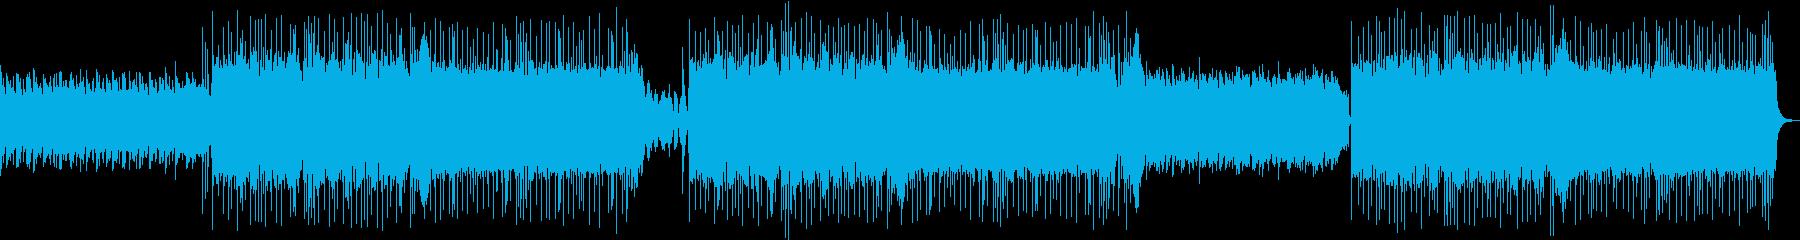 映画のOPやEDの様な重いギターリフの曲の再生済みの波形